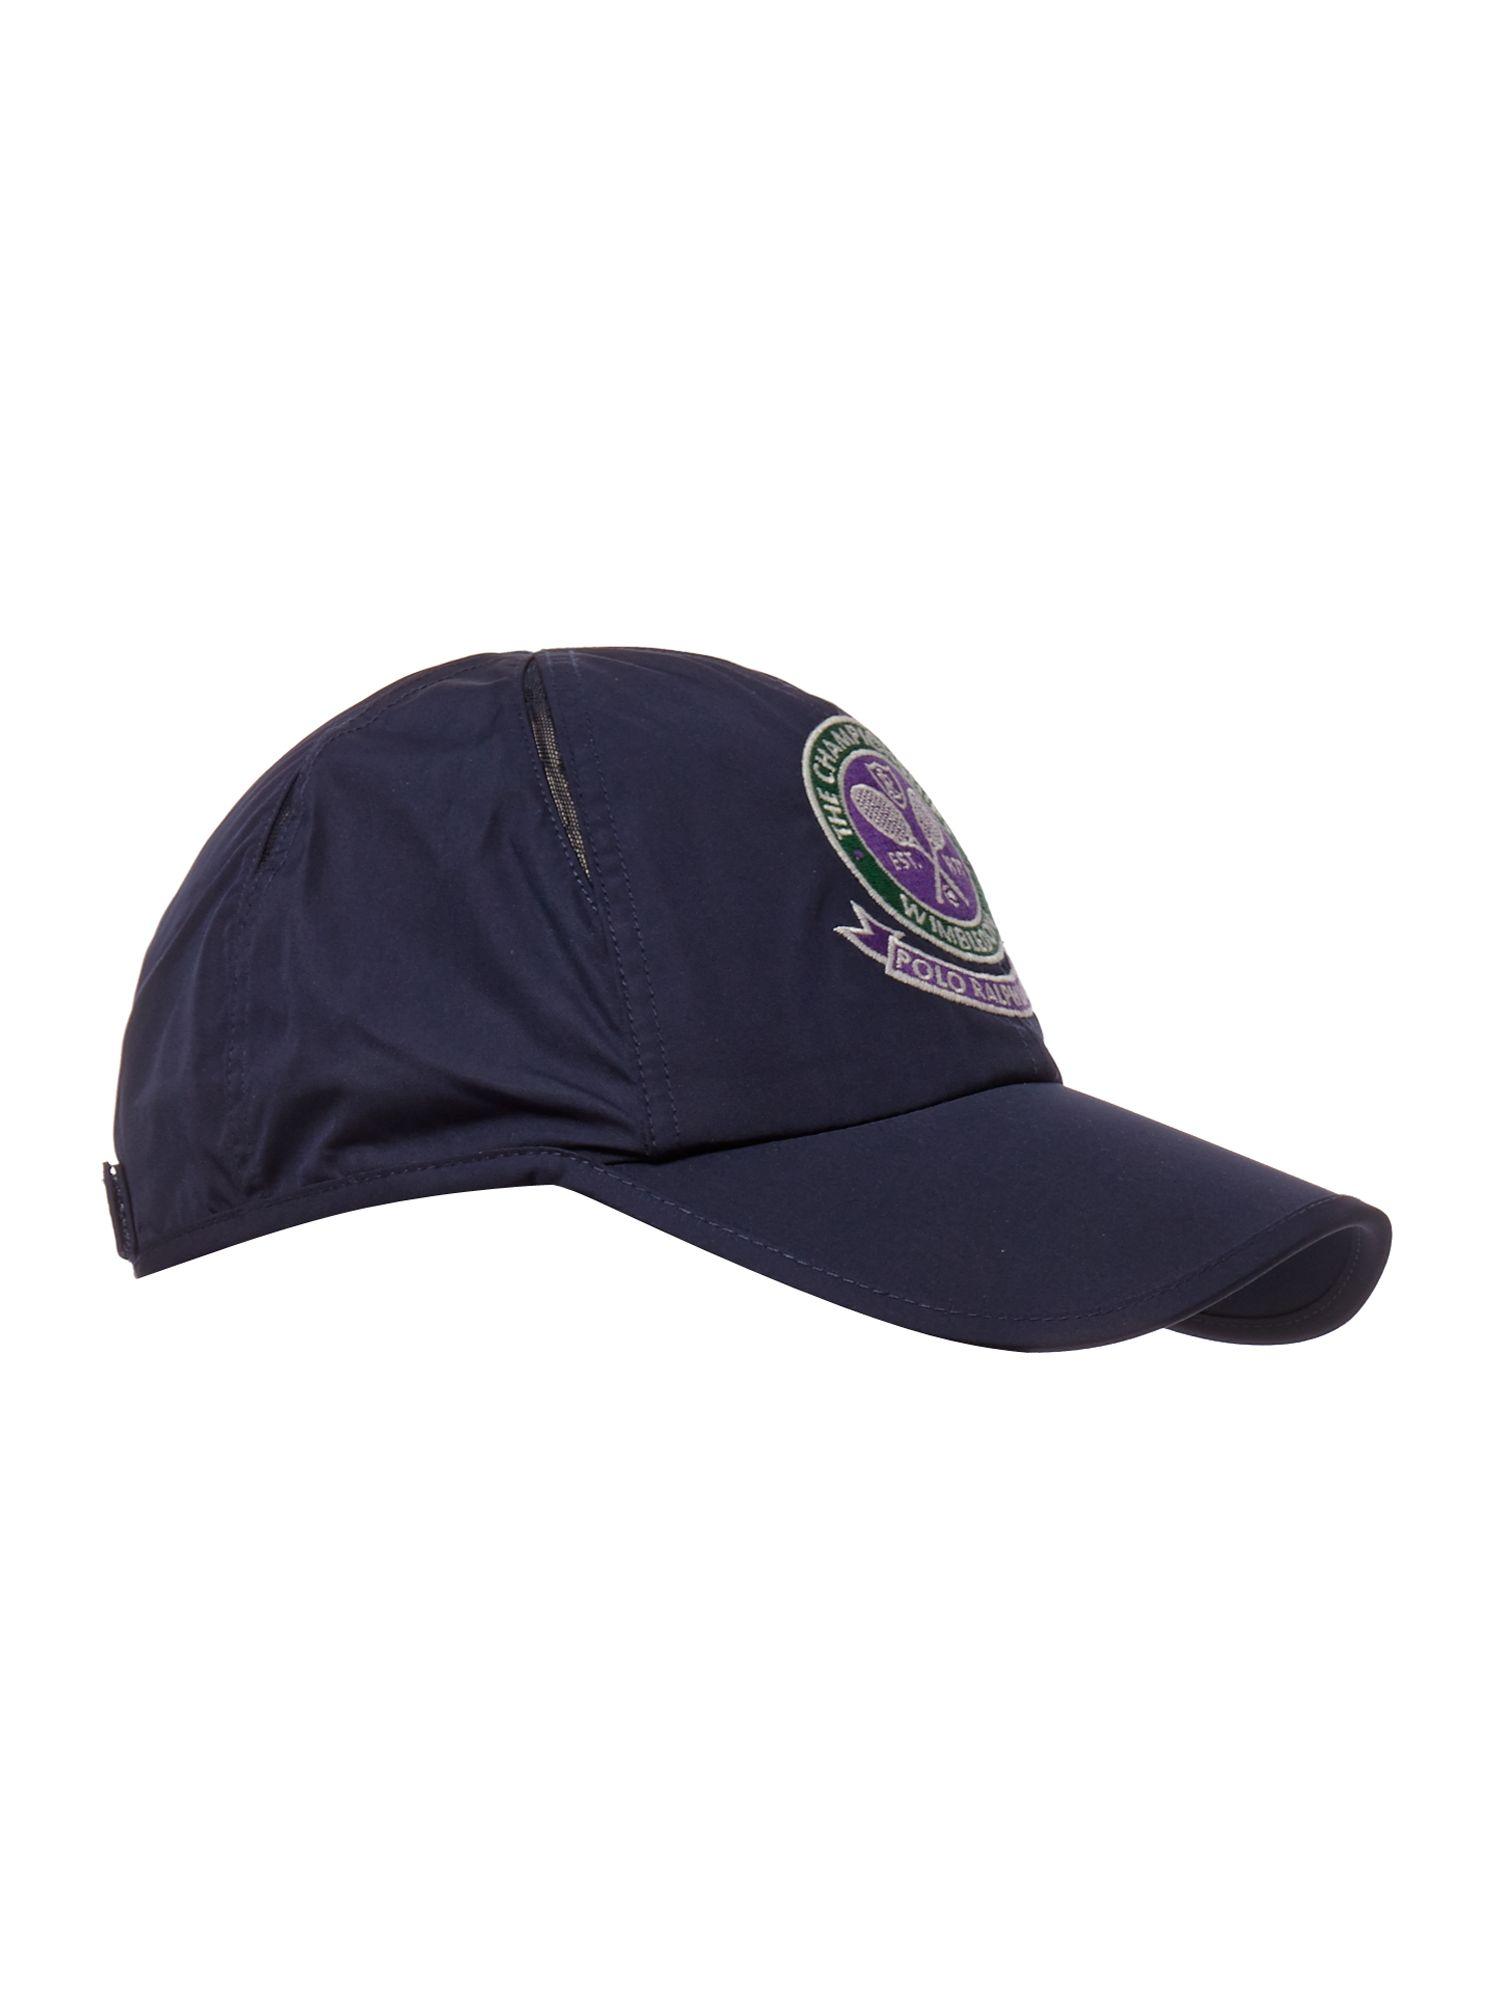 polo ralph lauren wimbledon cross court baseball cap cap embroidered. Black Bedroom Furniture Sets. Home Design Ideas